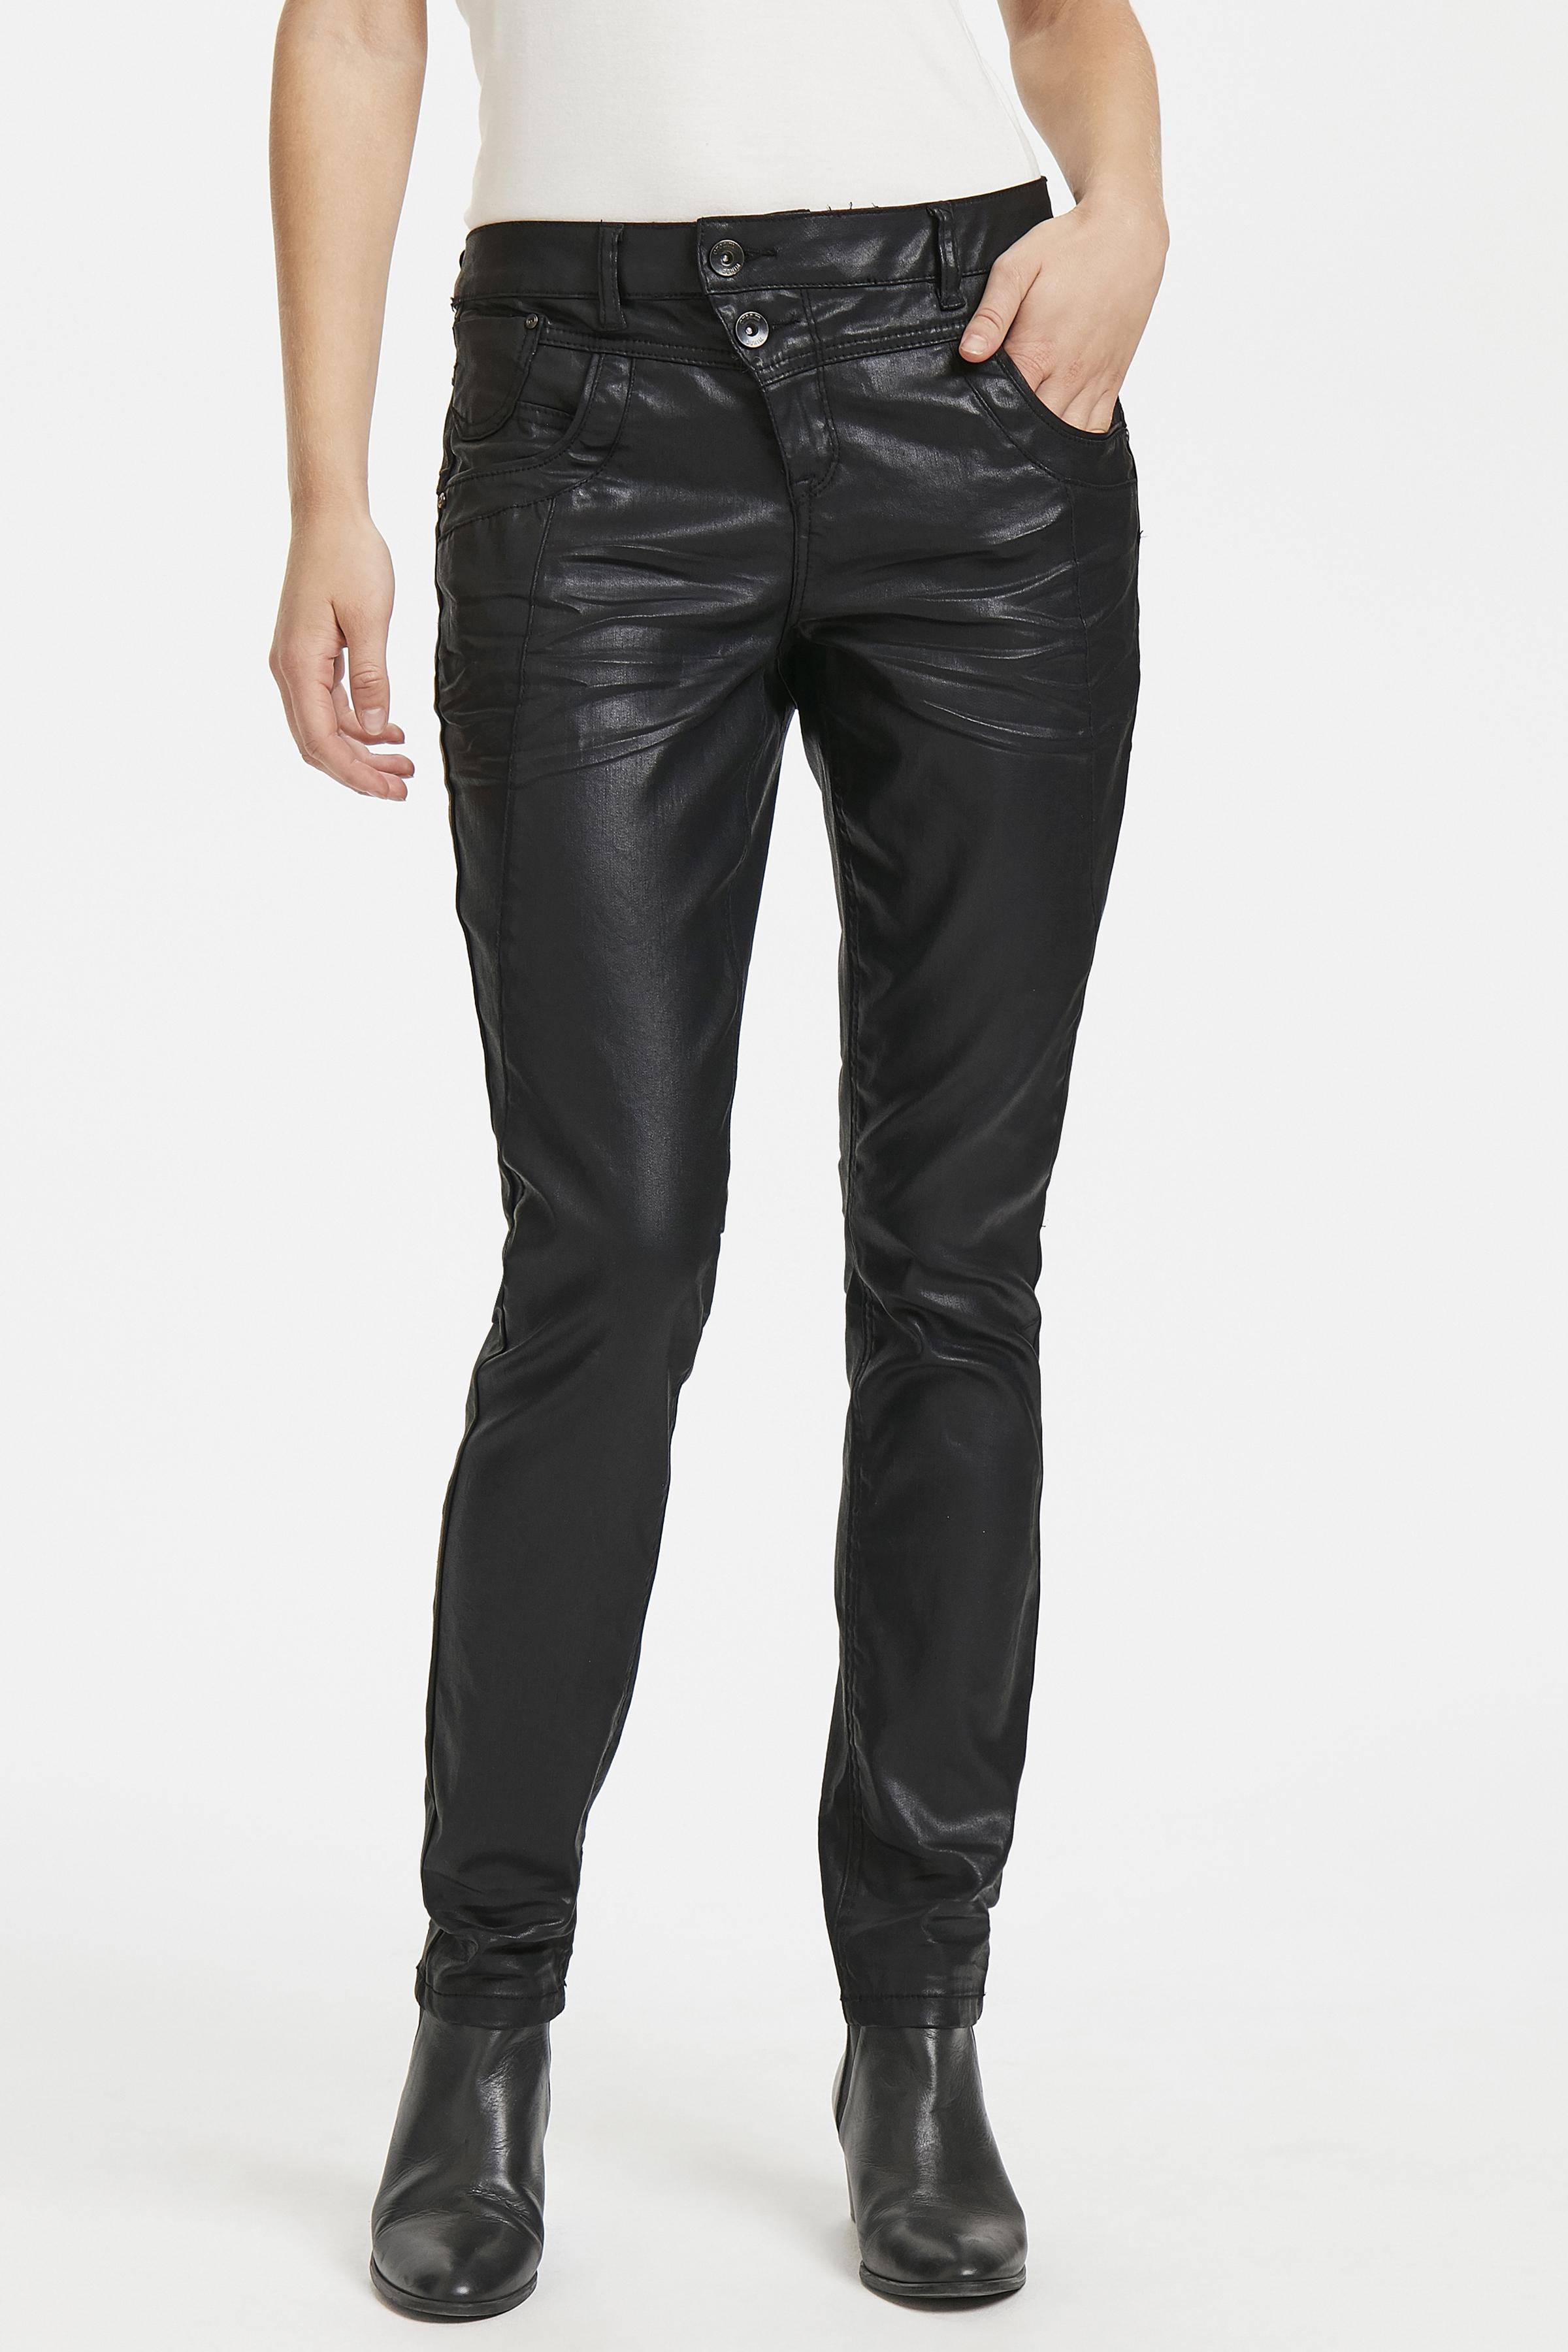 Svart Jeans från Cream – Köp Svart Jeans från stl. 25-34 här